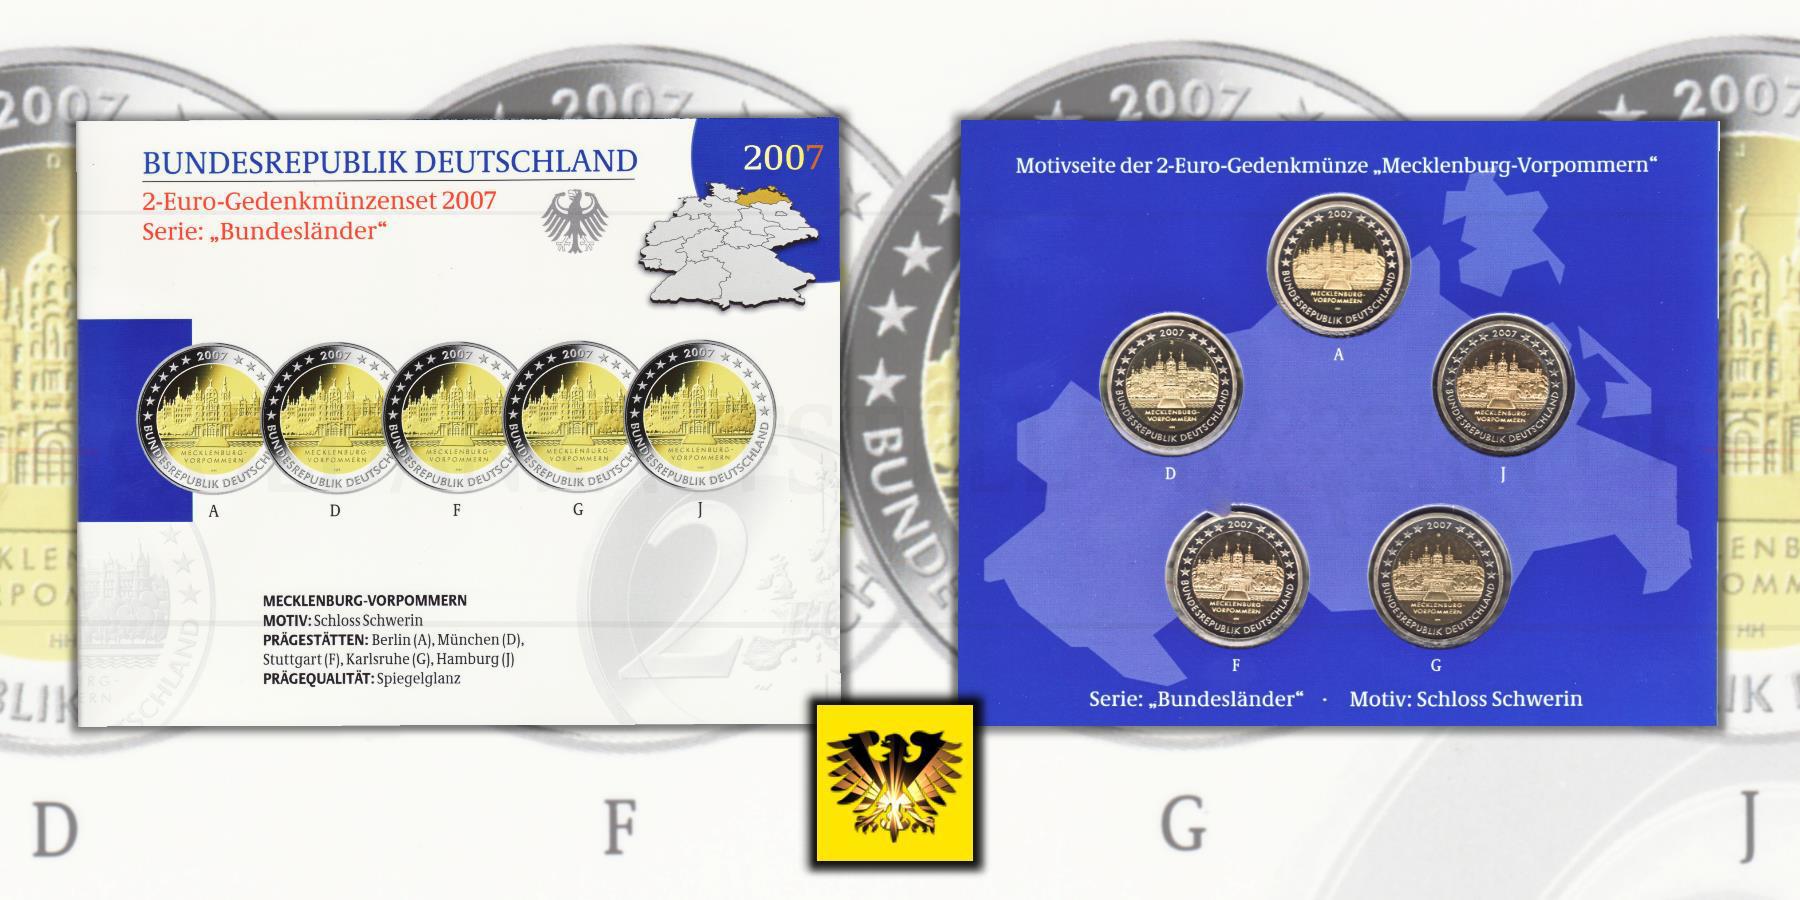 2 Brd 2007 A D F G J Gedenkmünze Mecklenburg Vorpommern